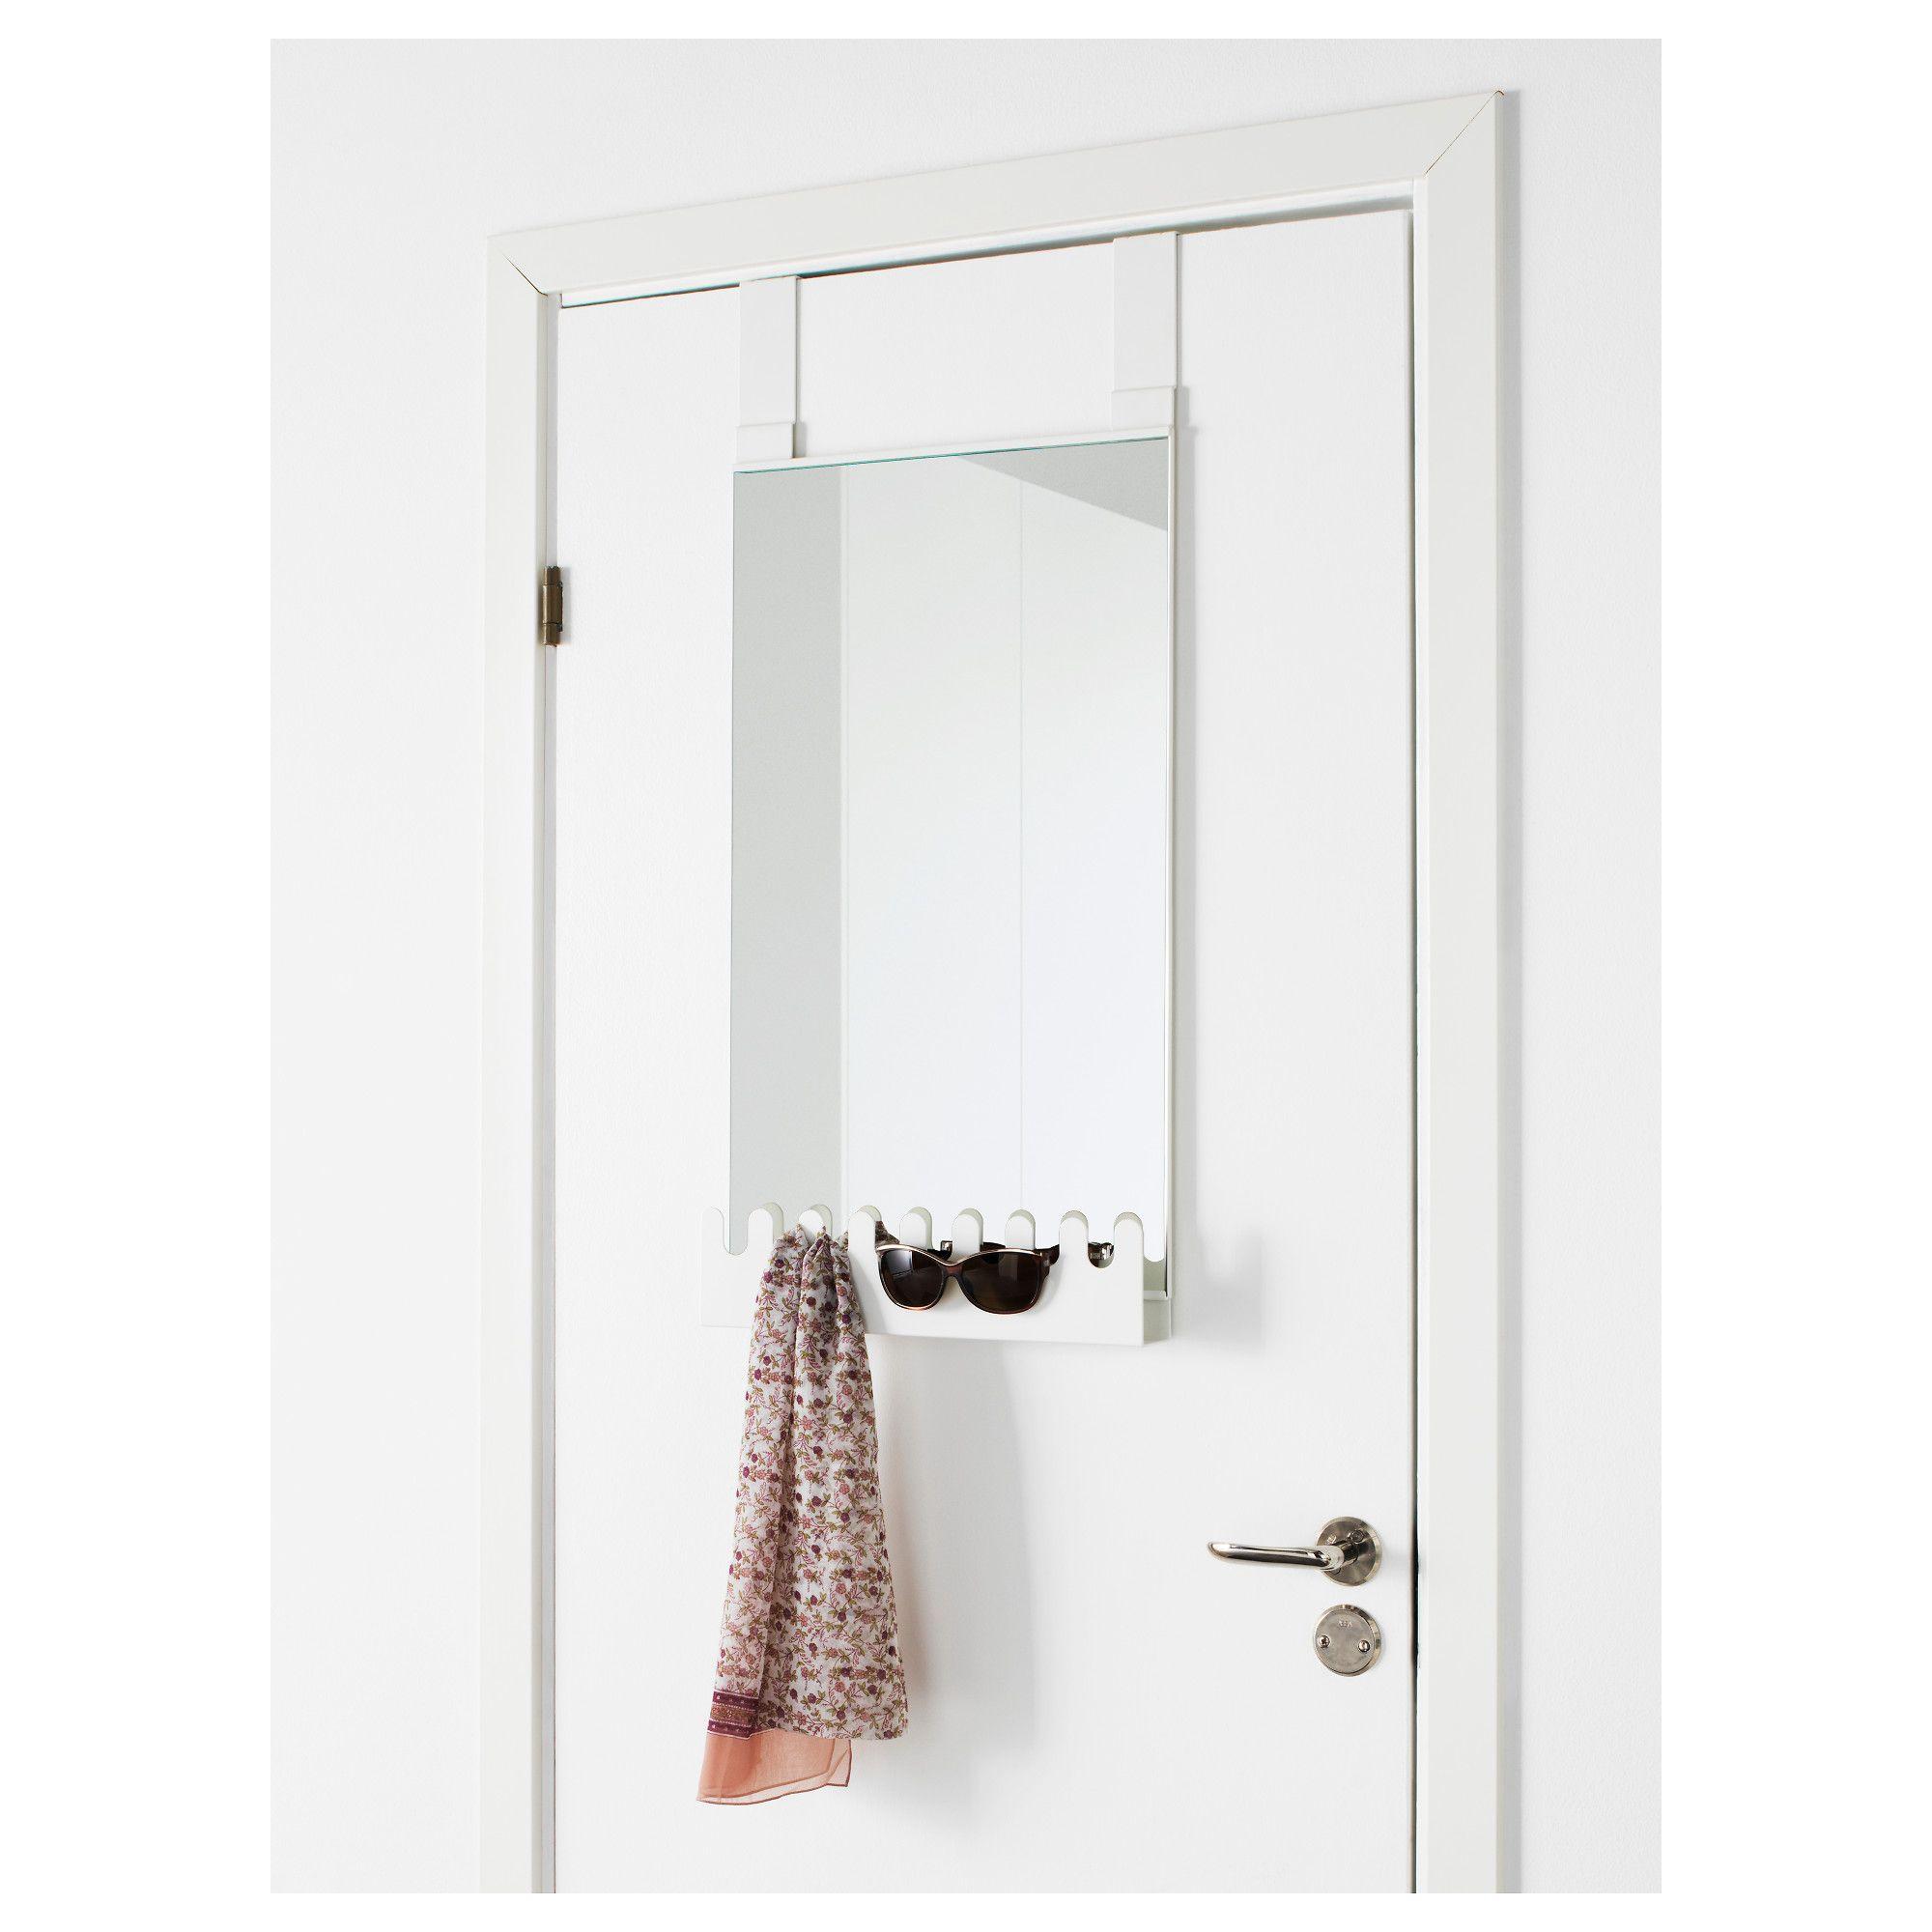 Over The Door Mirrors Garnes Over The Door Mirror W Hooks Shelf White 38x83 Cm Door